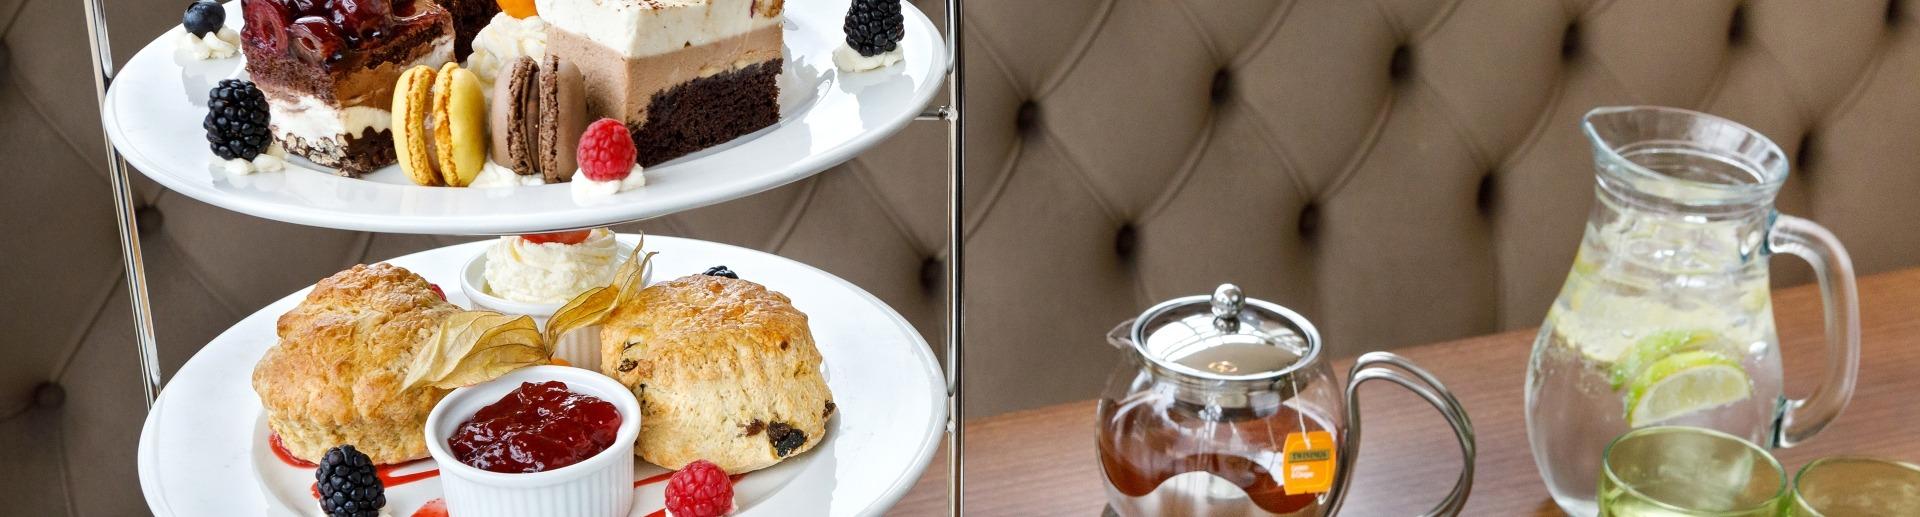 cedar court hotels afternoon tea